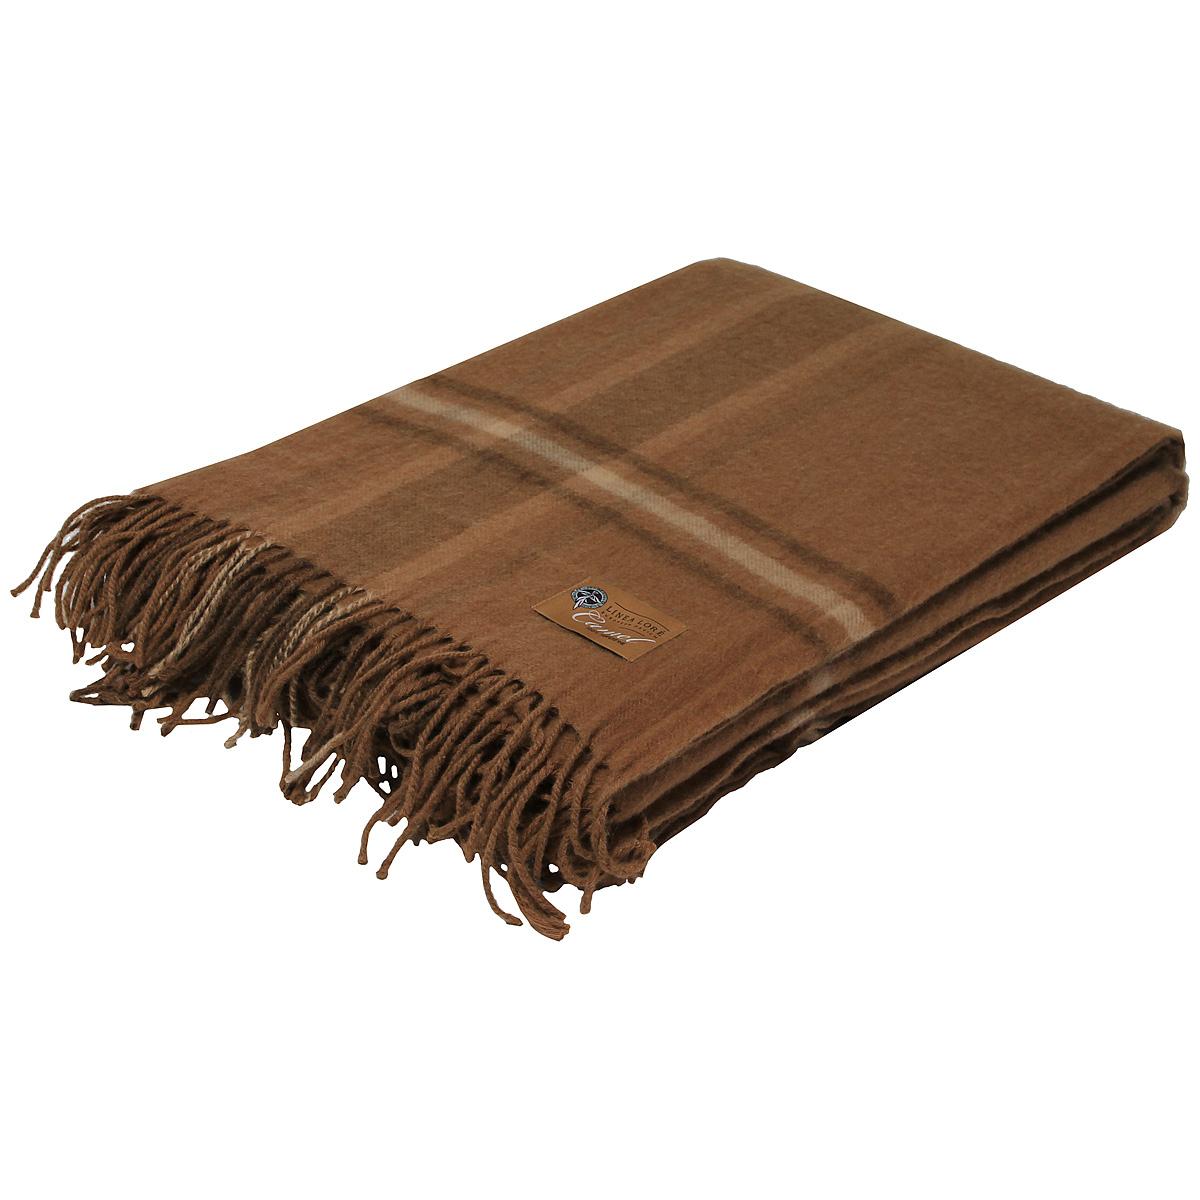 Плед Chingiz Khan, 140 х 200 см 1-331-140_051-331-140_05Мягкий плед Chingiz Khan, выполненный из сверхтонкой верблюжьей пуховой шерсти, добавит комнате уюта и согреет в прохладные дни. Удобный размер этого очаровательного пледа позволит использовать его и как одеяло, и как покрывало для кресла или софы. Такое теплое украшение может стать отличным подарком друзьям и близким! Под шерстяным пледом вам никогда не станет жарко или холодно, он помогает поддерживать постоянную температуру тела. Шерсть обладает прекрасной воздухопроницаемостью, она поглощает и нейтрализует вредные вещества и славится своими целебными свойствами. Плед из шерсти станет лучшим лекарством для людей, страдающих ревматизмом, радикулитом, головными и мышечными болями, сердечно-сосудистыми заболеваниями и нарушениями кровообращения. Шерсть не электризуется. Она прочна, износостойка, долговечна. Наконец, шерсть просто приятна на ощупь, ее мягкость и фактура вызывают потрясающие тактильные ощущения! Характеристики:Материал: 100% сверхтонкая верблюжья пуховая шерсть. Размер: 140 см х 200 см. Артикул: 1-331-140. Шерстяной плед коллекции Linea Lore от фабрики Руно - истинное воплощение уюта, тепла и комфорта. Пледы Linea Lore изготавливаются на итальянском оборудовании по европейскому дизайну. Качественный, экологически чистый плед от фабрики Руно изготовлен из натурального сырья контролируемого происхождения и давно известен потребителю в самых разных регионах страны. Для производства пледов Linea Lore используется пух монгольского верблюда, пух ягненка мериноса и шерсть новозеландских ягнят.